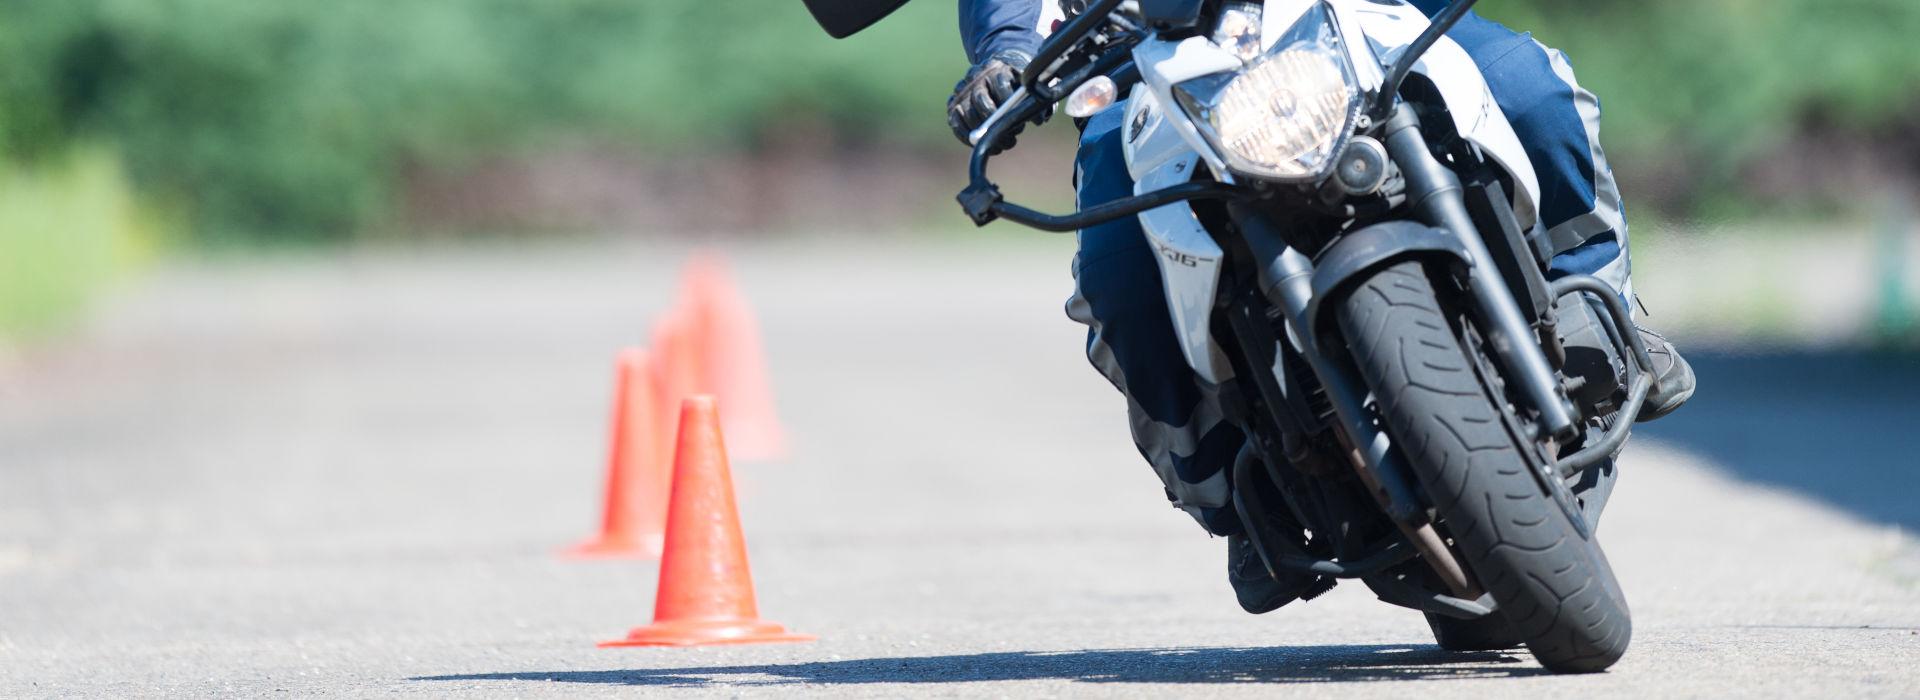 Motorrijbewijspoint Nederland motor rijvaardigheid